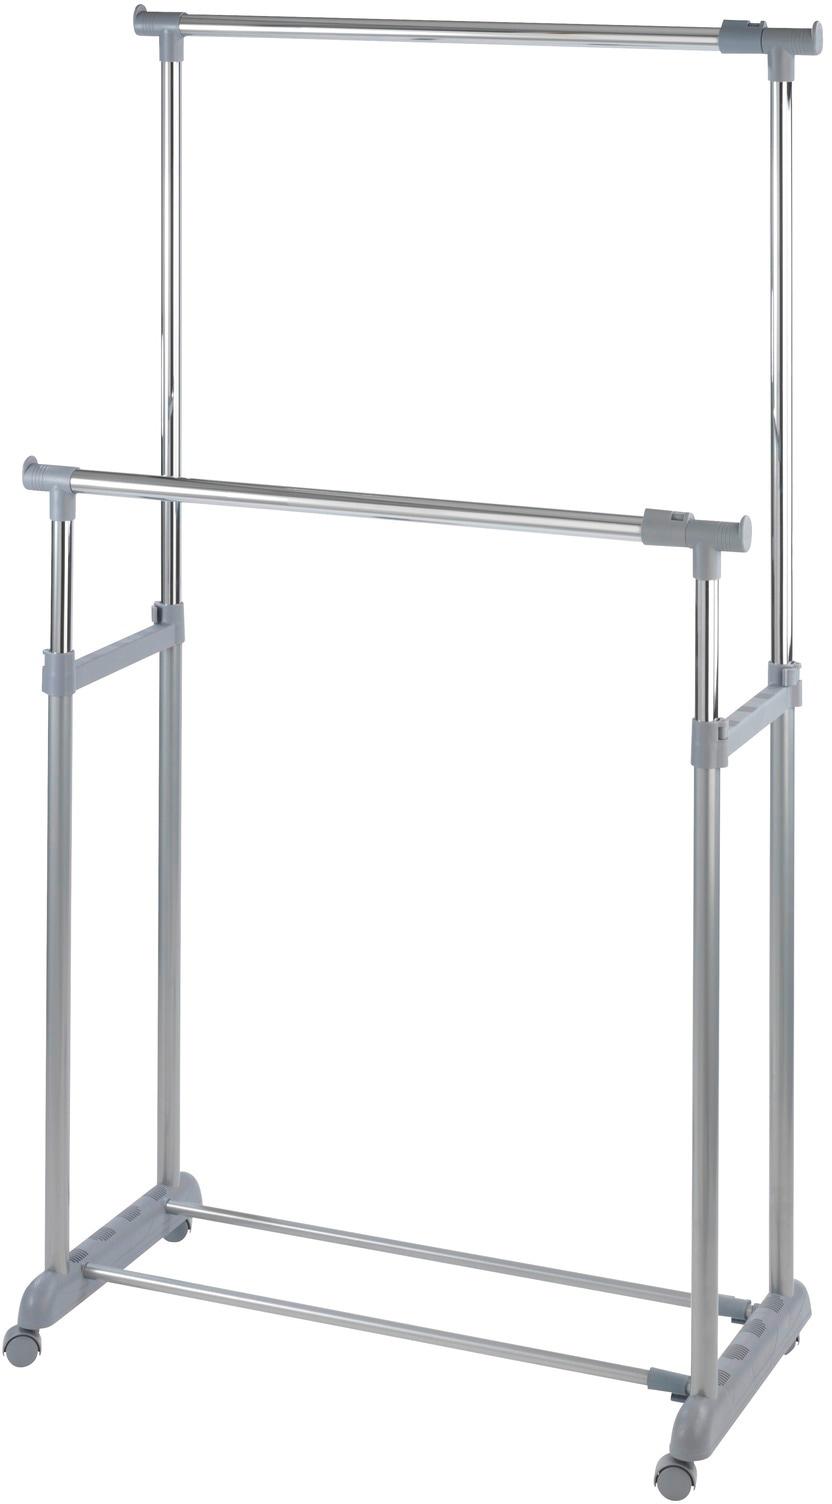 WENKO Kleiderständer Twin Bars Wohnen/Möbel/Kleinmöbel/Kleiderständer